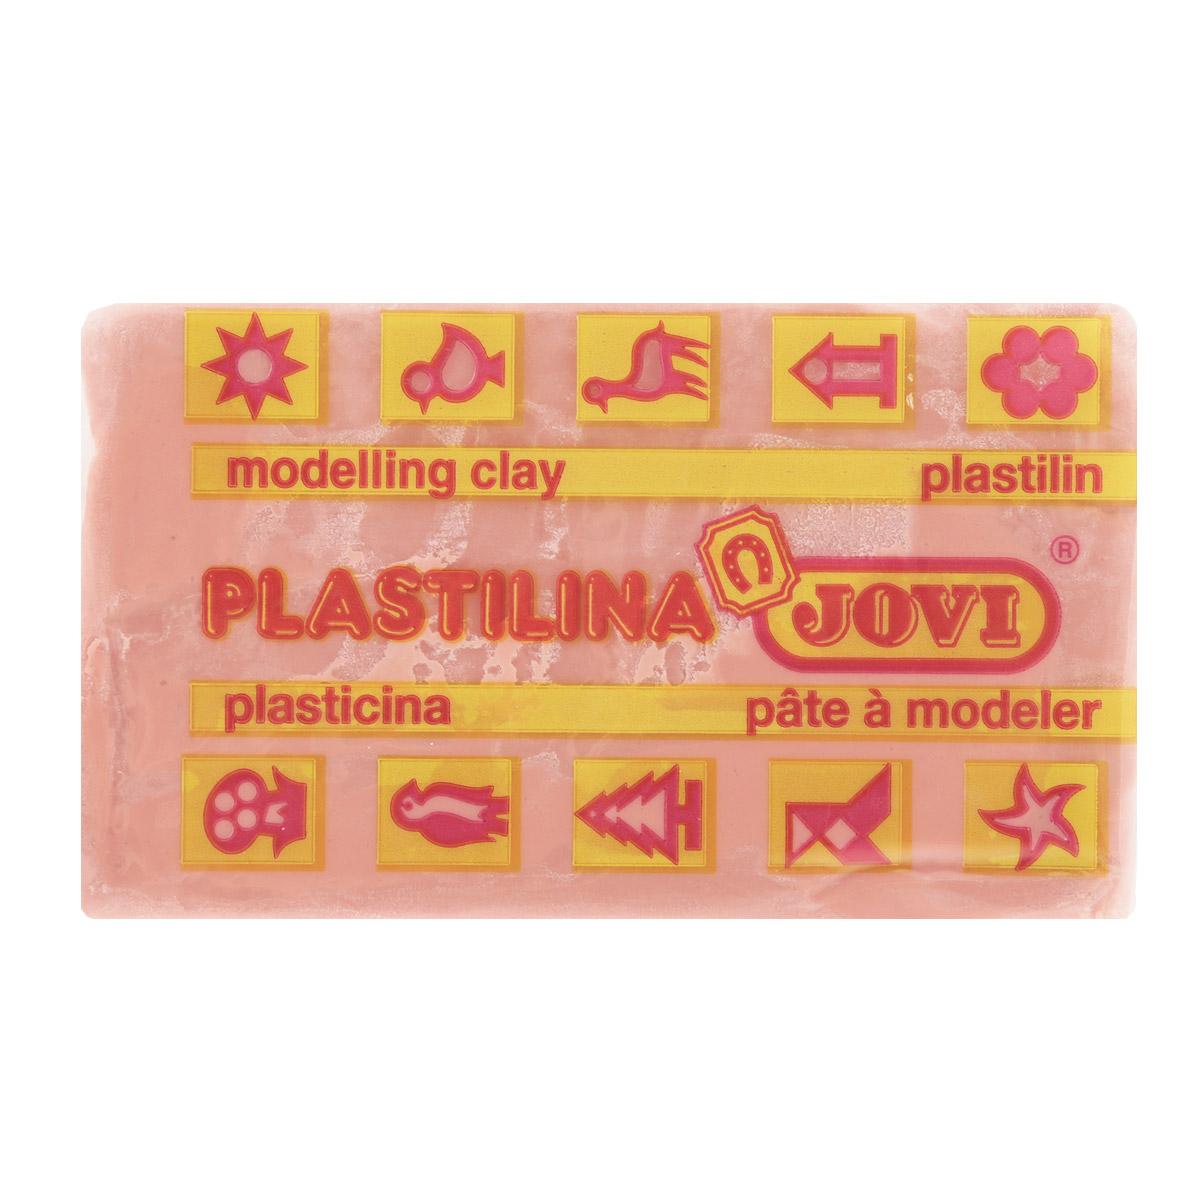 Jovi Пластилин, цвет: бежевый, 50 г730396Пластилин Jovi - лучший выбор для лепки, он обладает превосходными изобразительными возможностями и поэтому дает простор воображению и самым смелым творческим замыслам. Пластилин, изготовленный на растительной основе, очень мягкий, легко разминается и смешивается, не пачкает руки и не прилипает к рабочей поверхности. Пластилин пригоден для создания аппликаций и поделок, ручной лепки, моделирования на каркасе, пластилиновой живописи - рисовании пластилином по бумаге, картону, дереву или текстилю. Пластические свойства сохраняются в течение 5 лет.